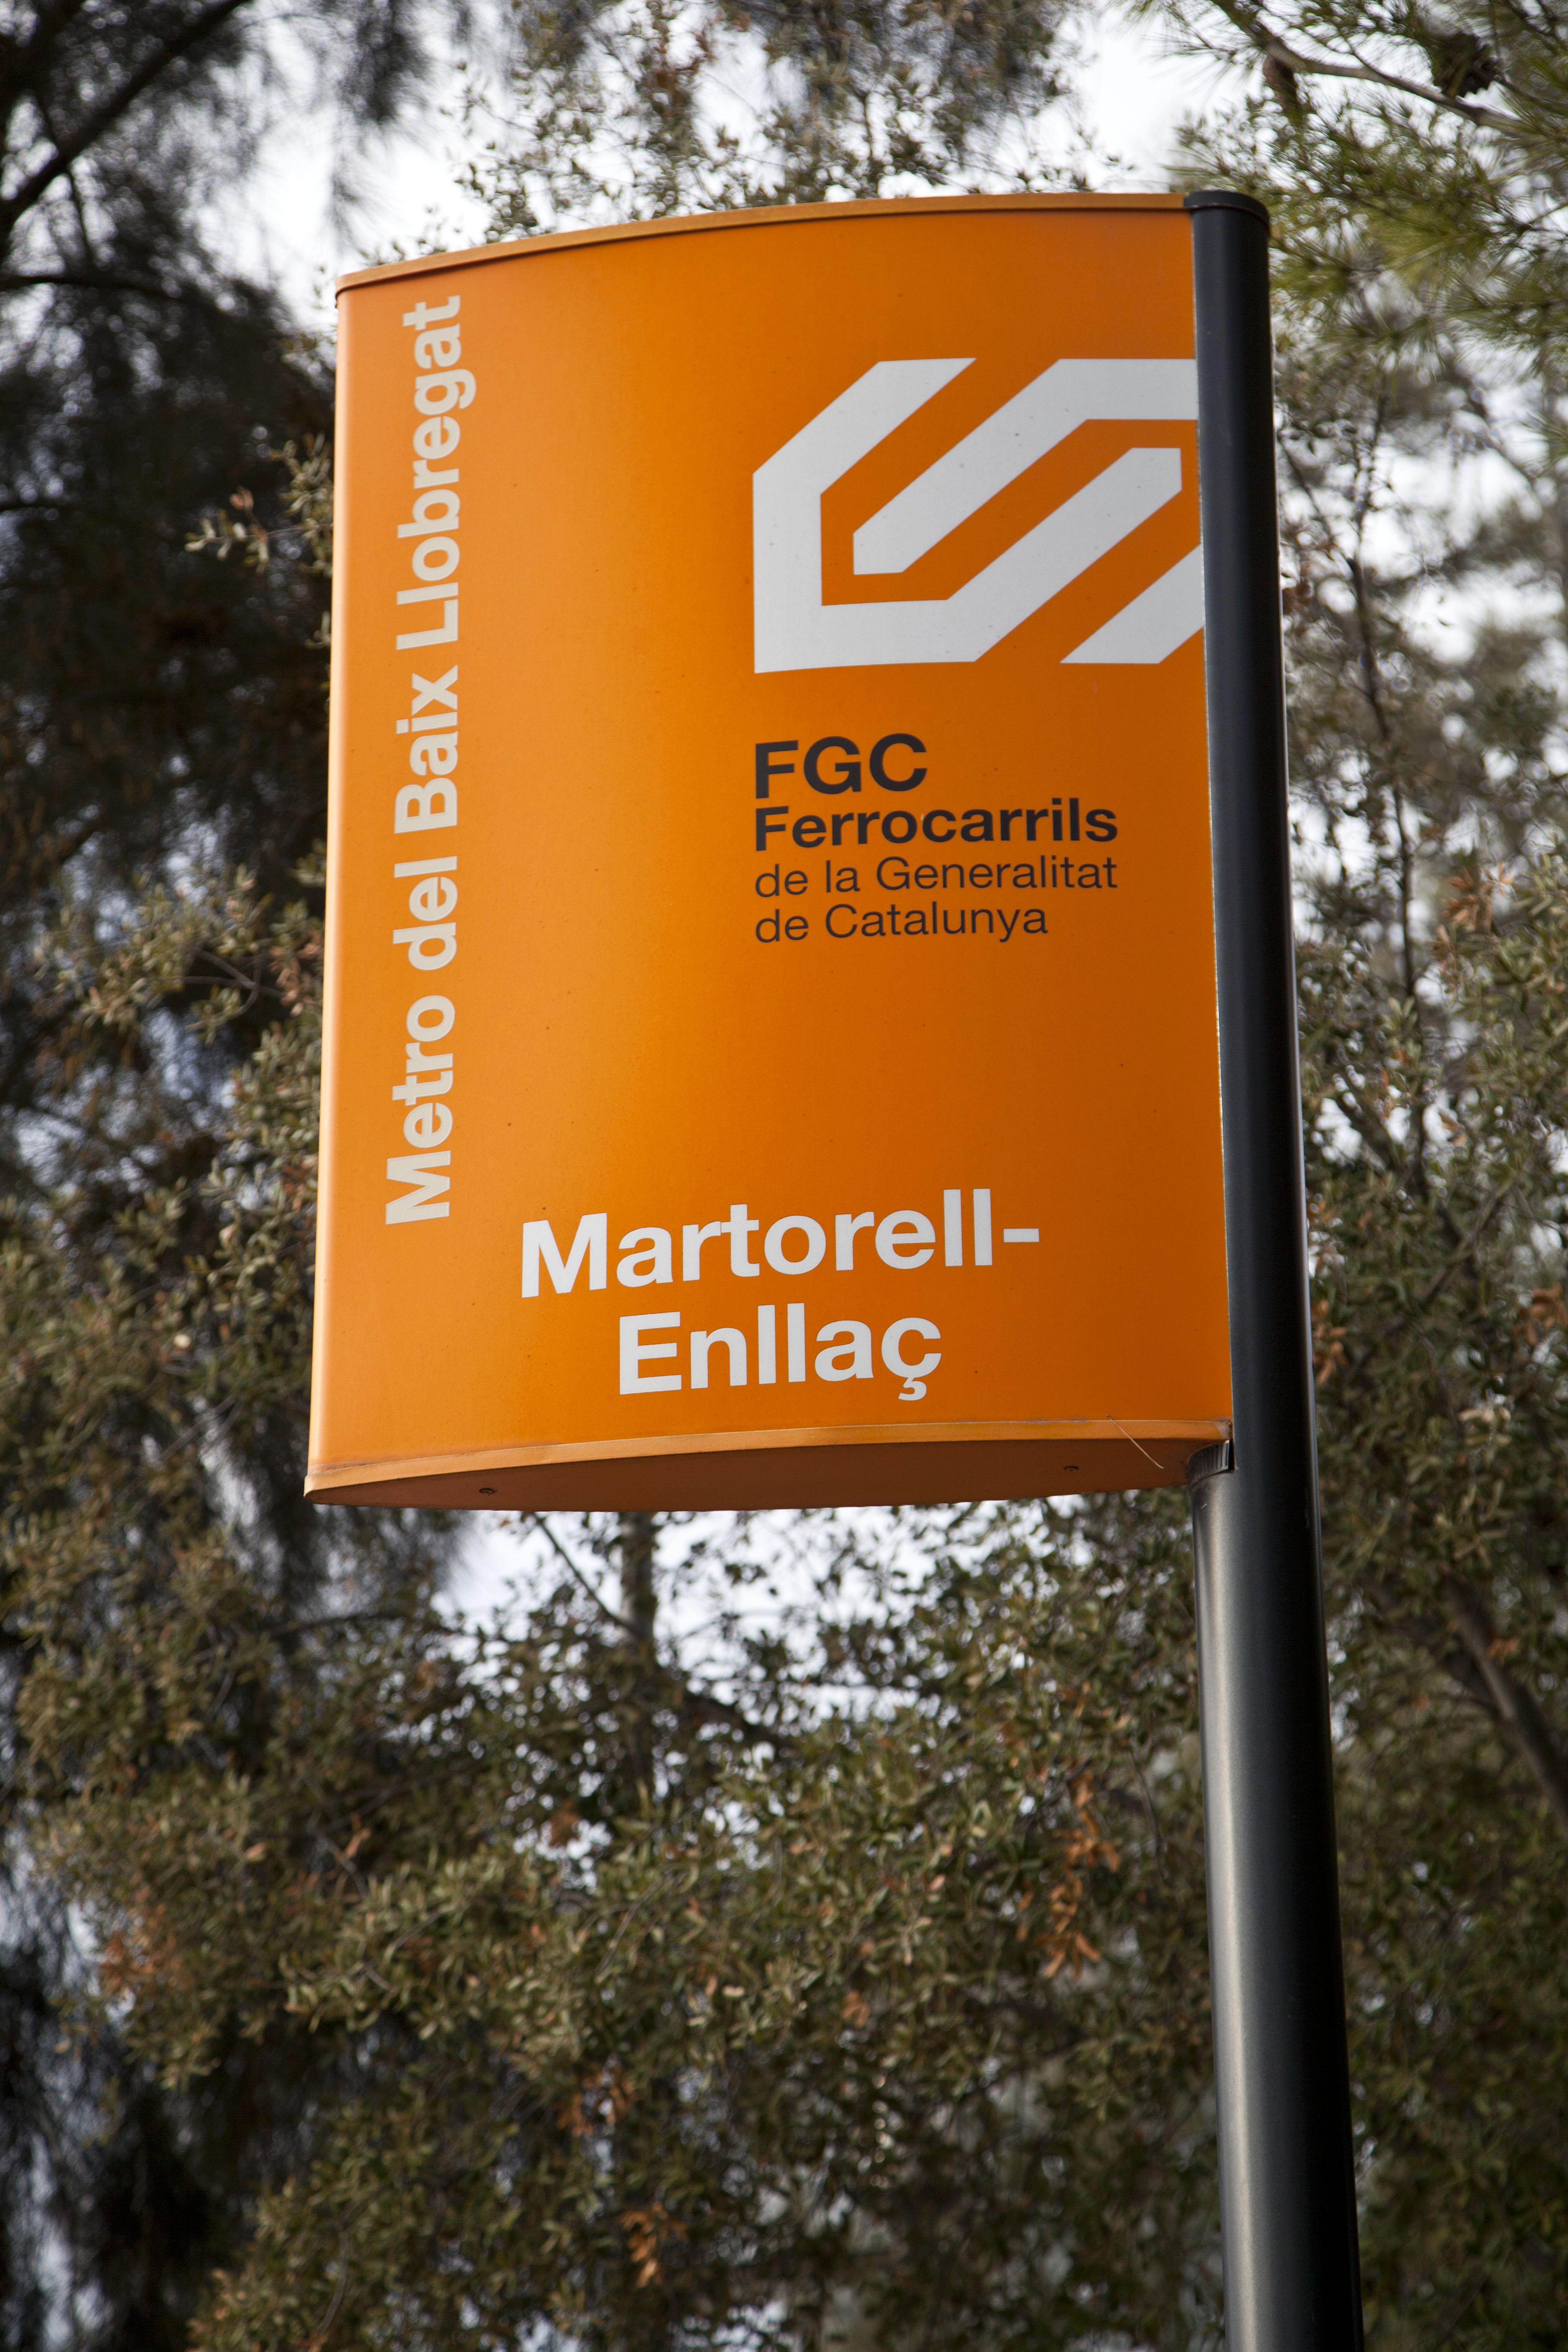 MARTORELL-ENLLAÇ-FGC